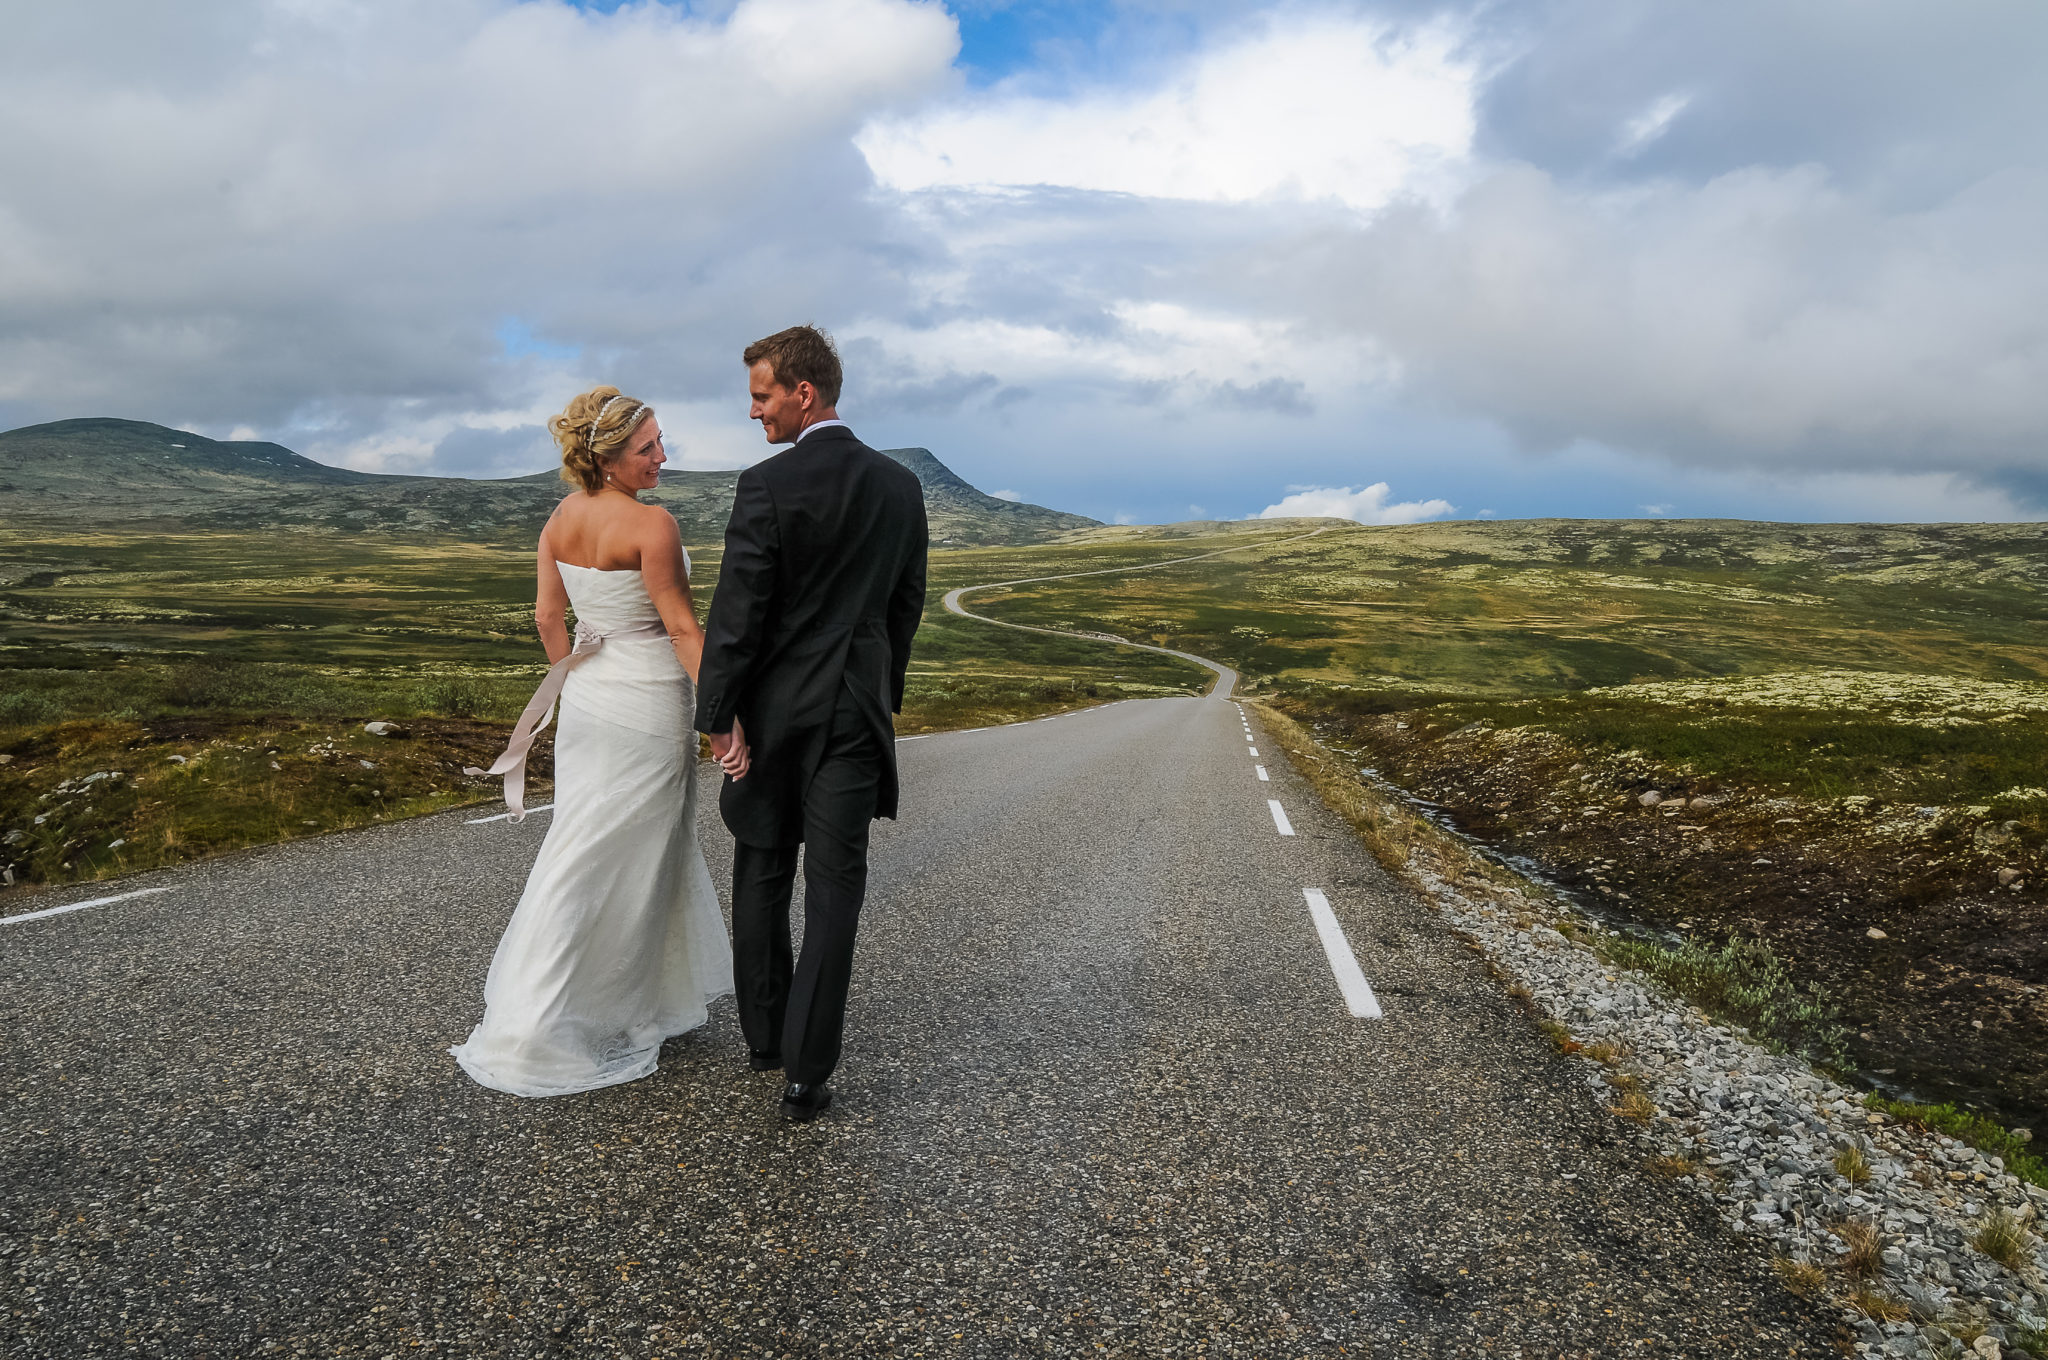 Bildet er et bryllupsfoto tatt på Friisvegen på Ringebufjellet. Syns bildet illustrerer ekteskapet på en måte man ikke ser så ofte i tradisjonelle bilder samtidig som det viser frem en av våre flotteste fjellveier